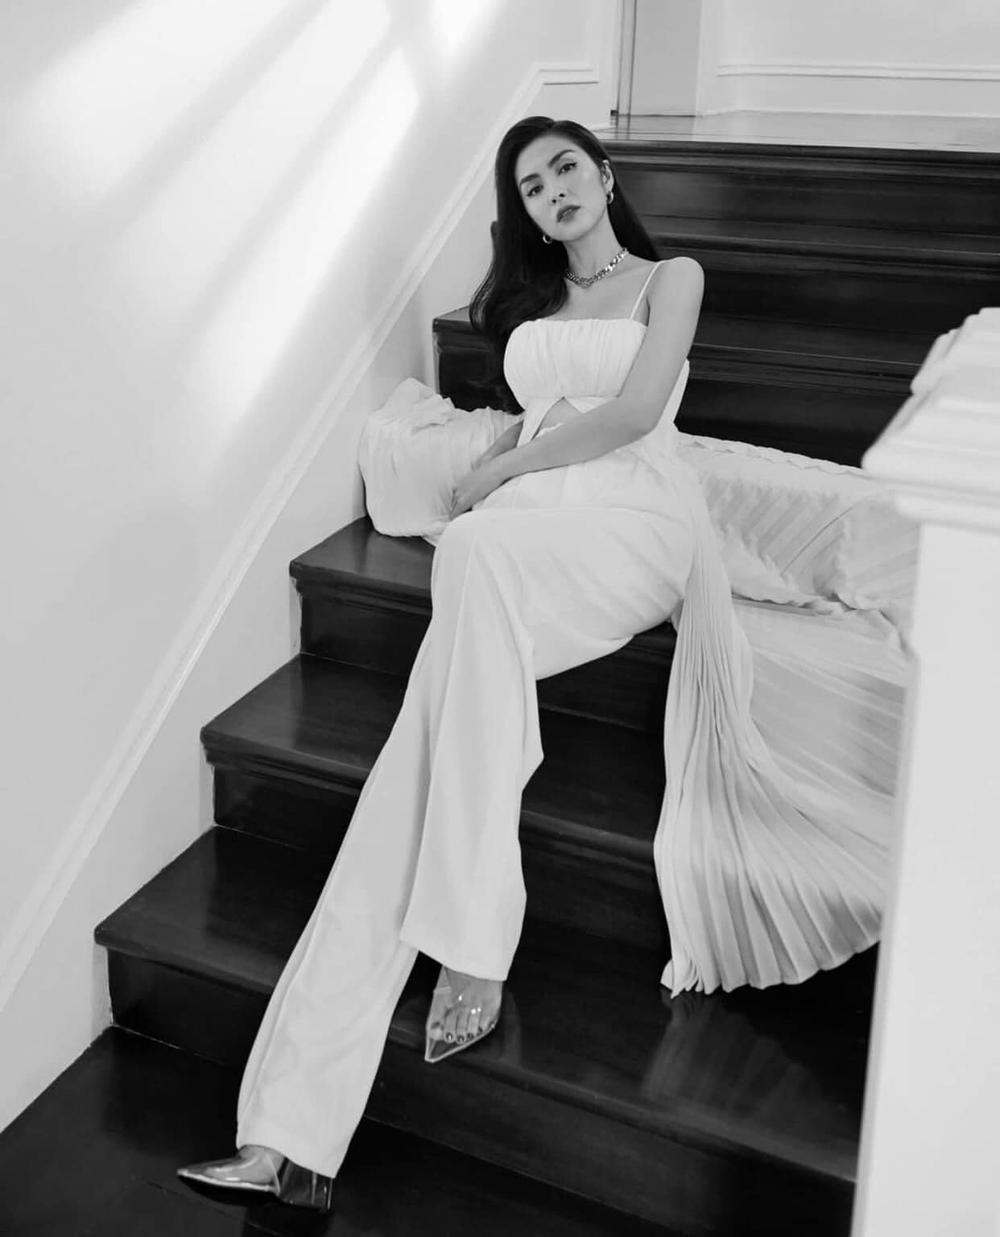 Tăng Thanh Hà khiến fan gục ngã với vẻ đẹp nữ thần trong set đồ trắng kiêu sa Ảnh 1